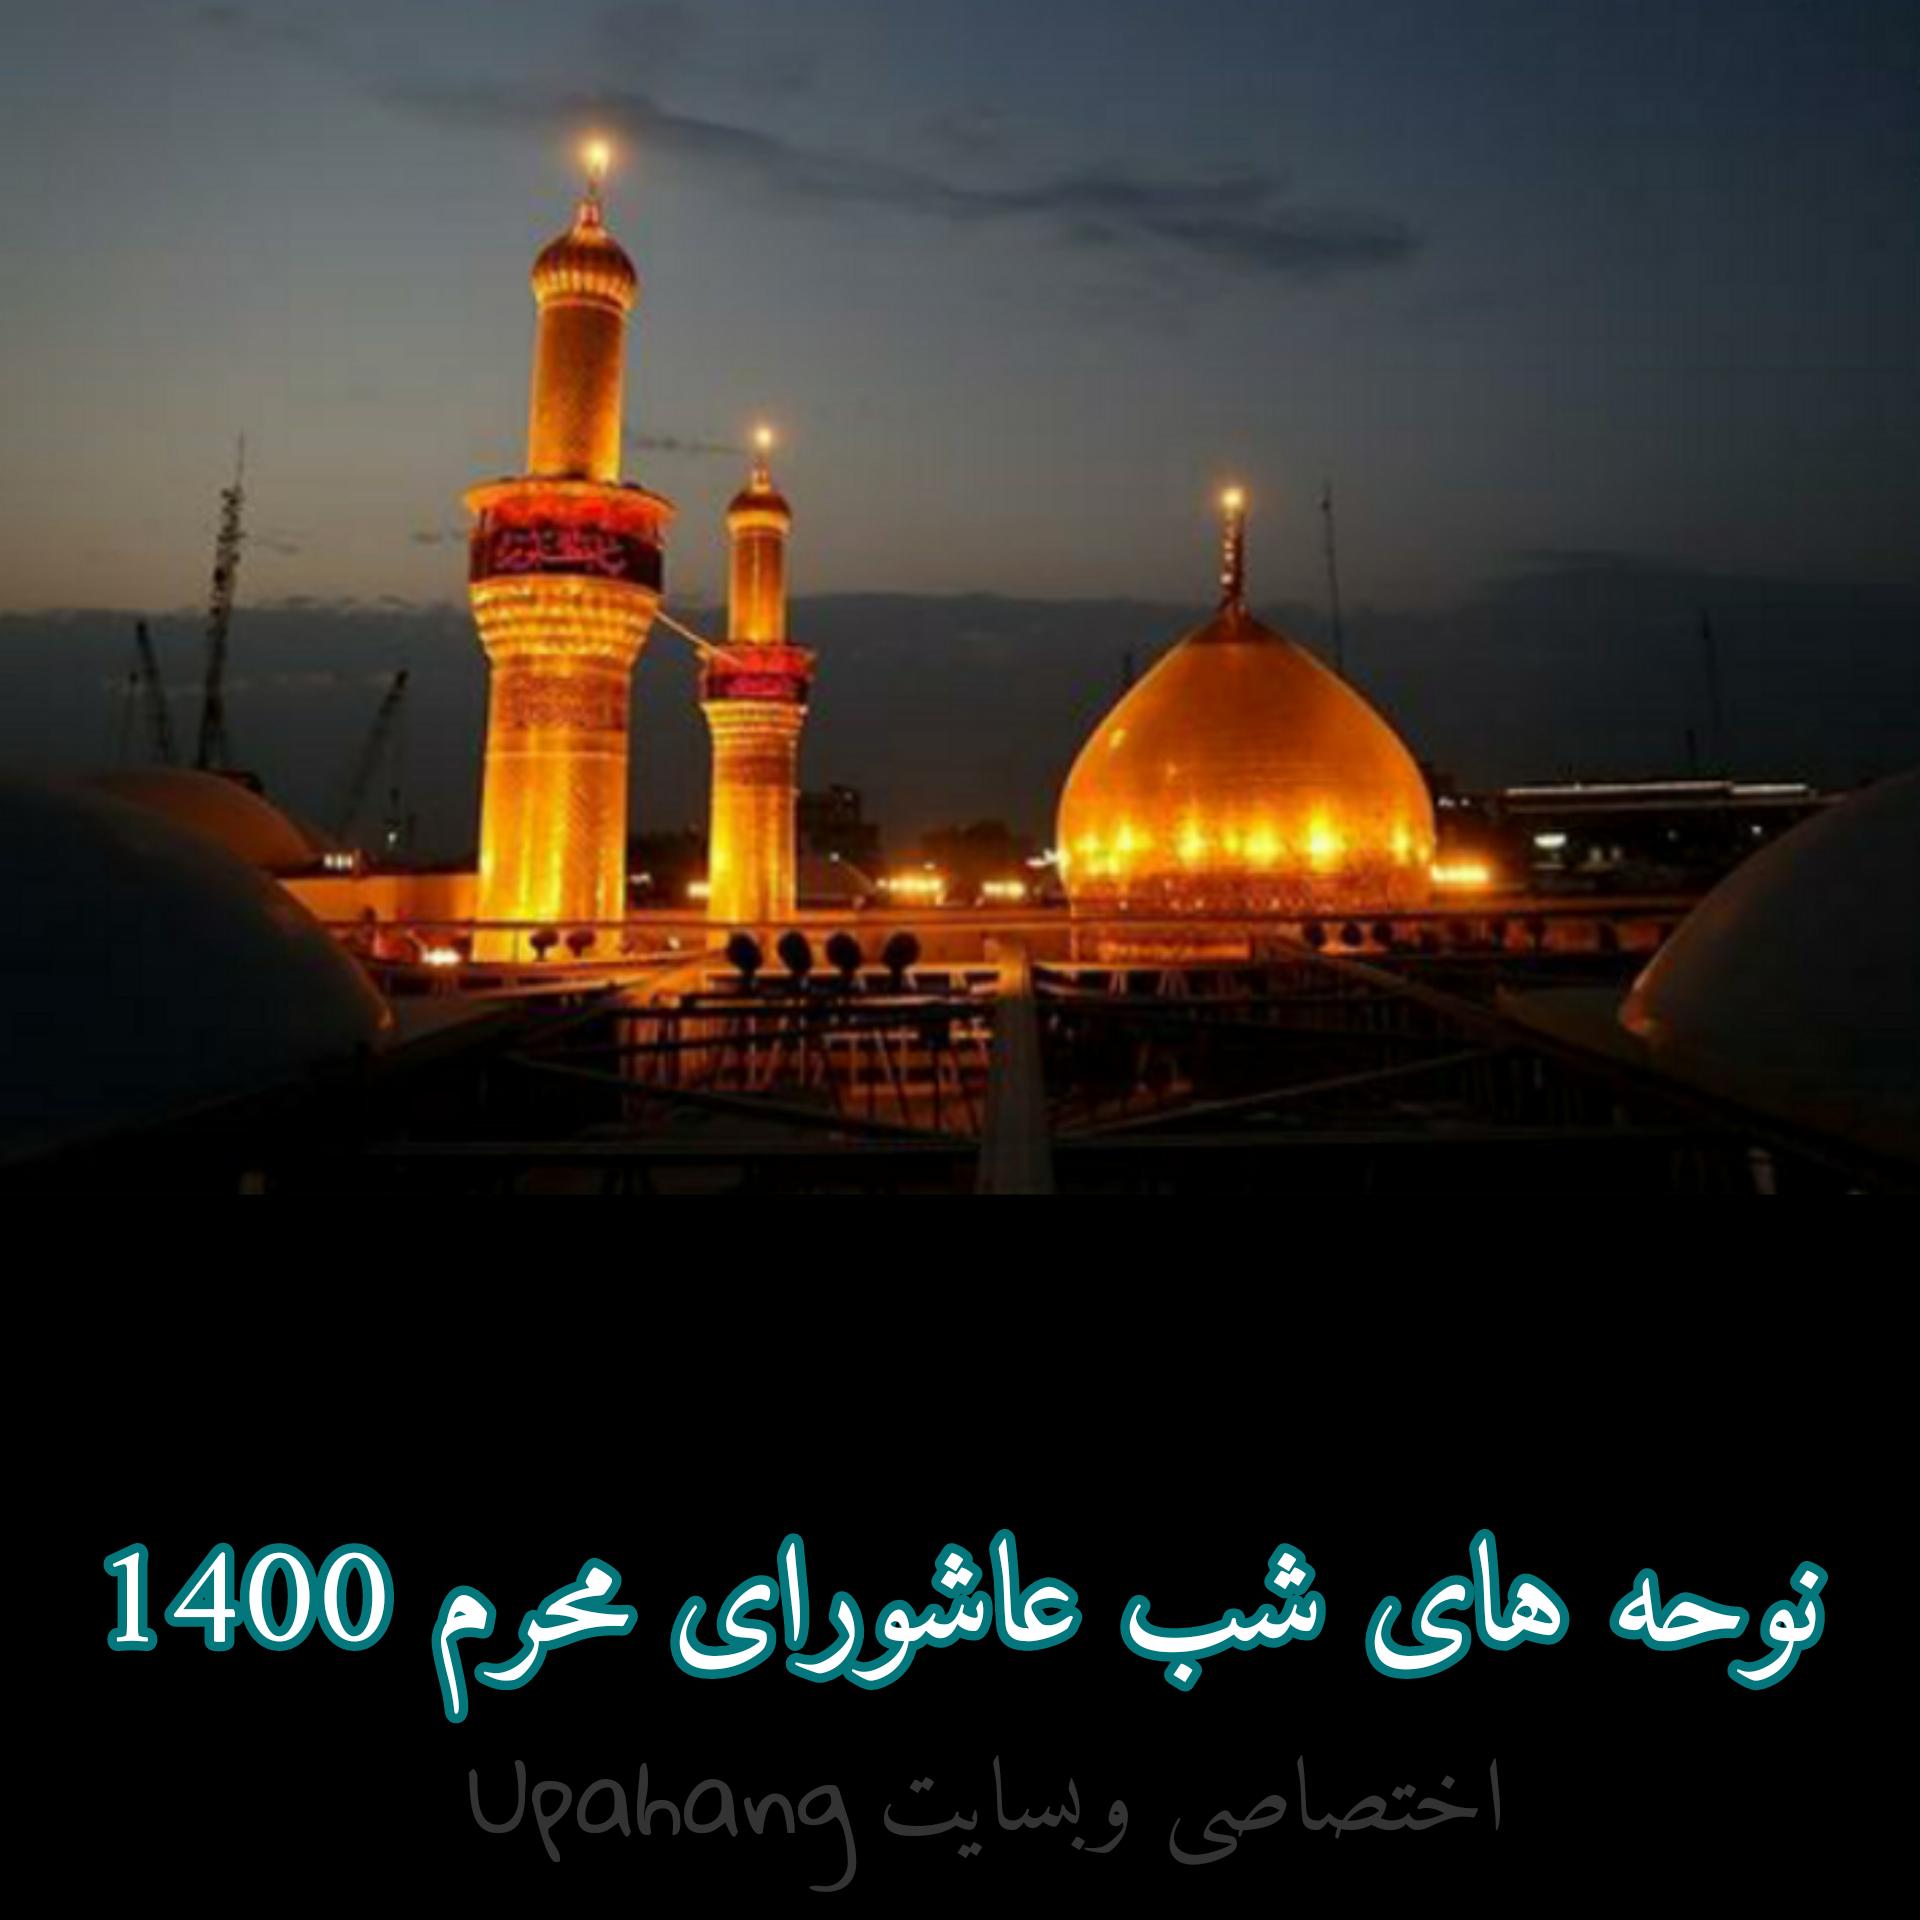 نوحه های شب عاشورا محرم 1400